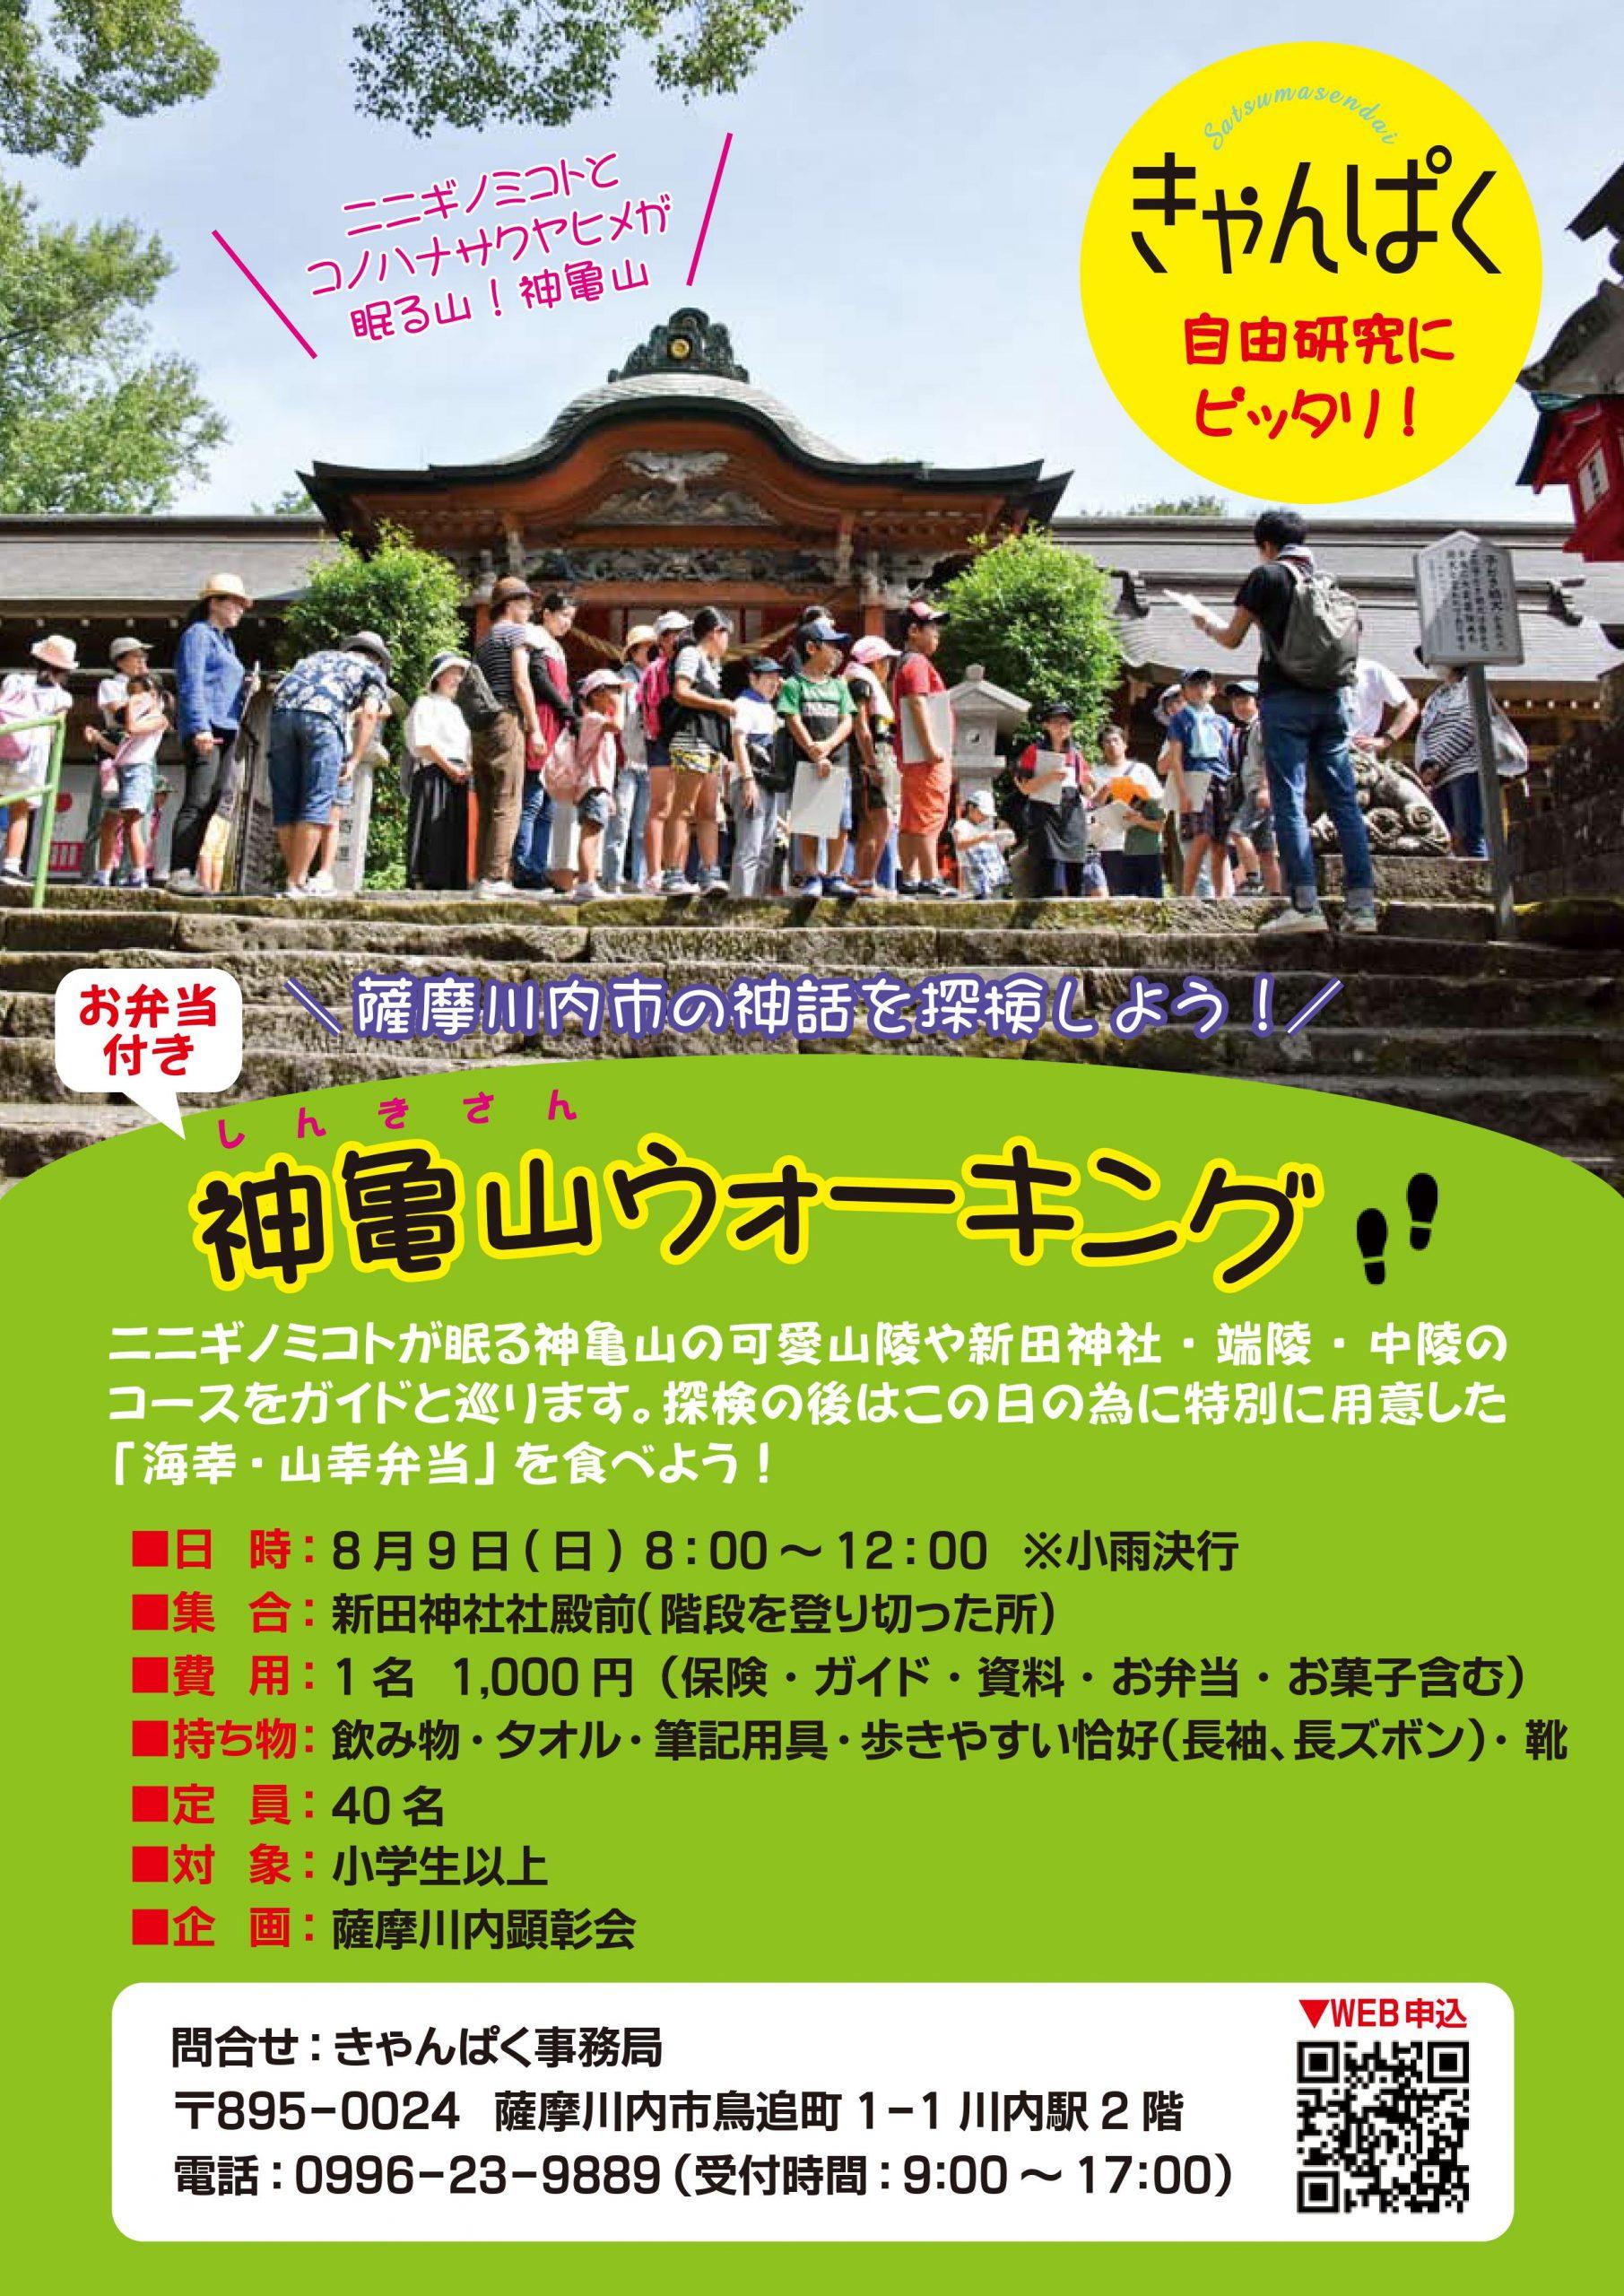 ニニギノミコトの眠る「神亀山」ウォーキング!